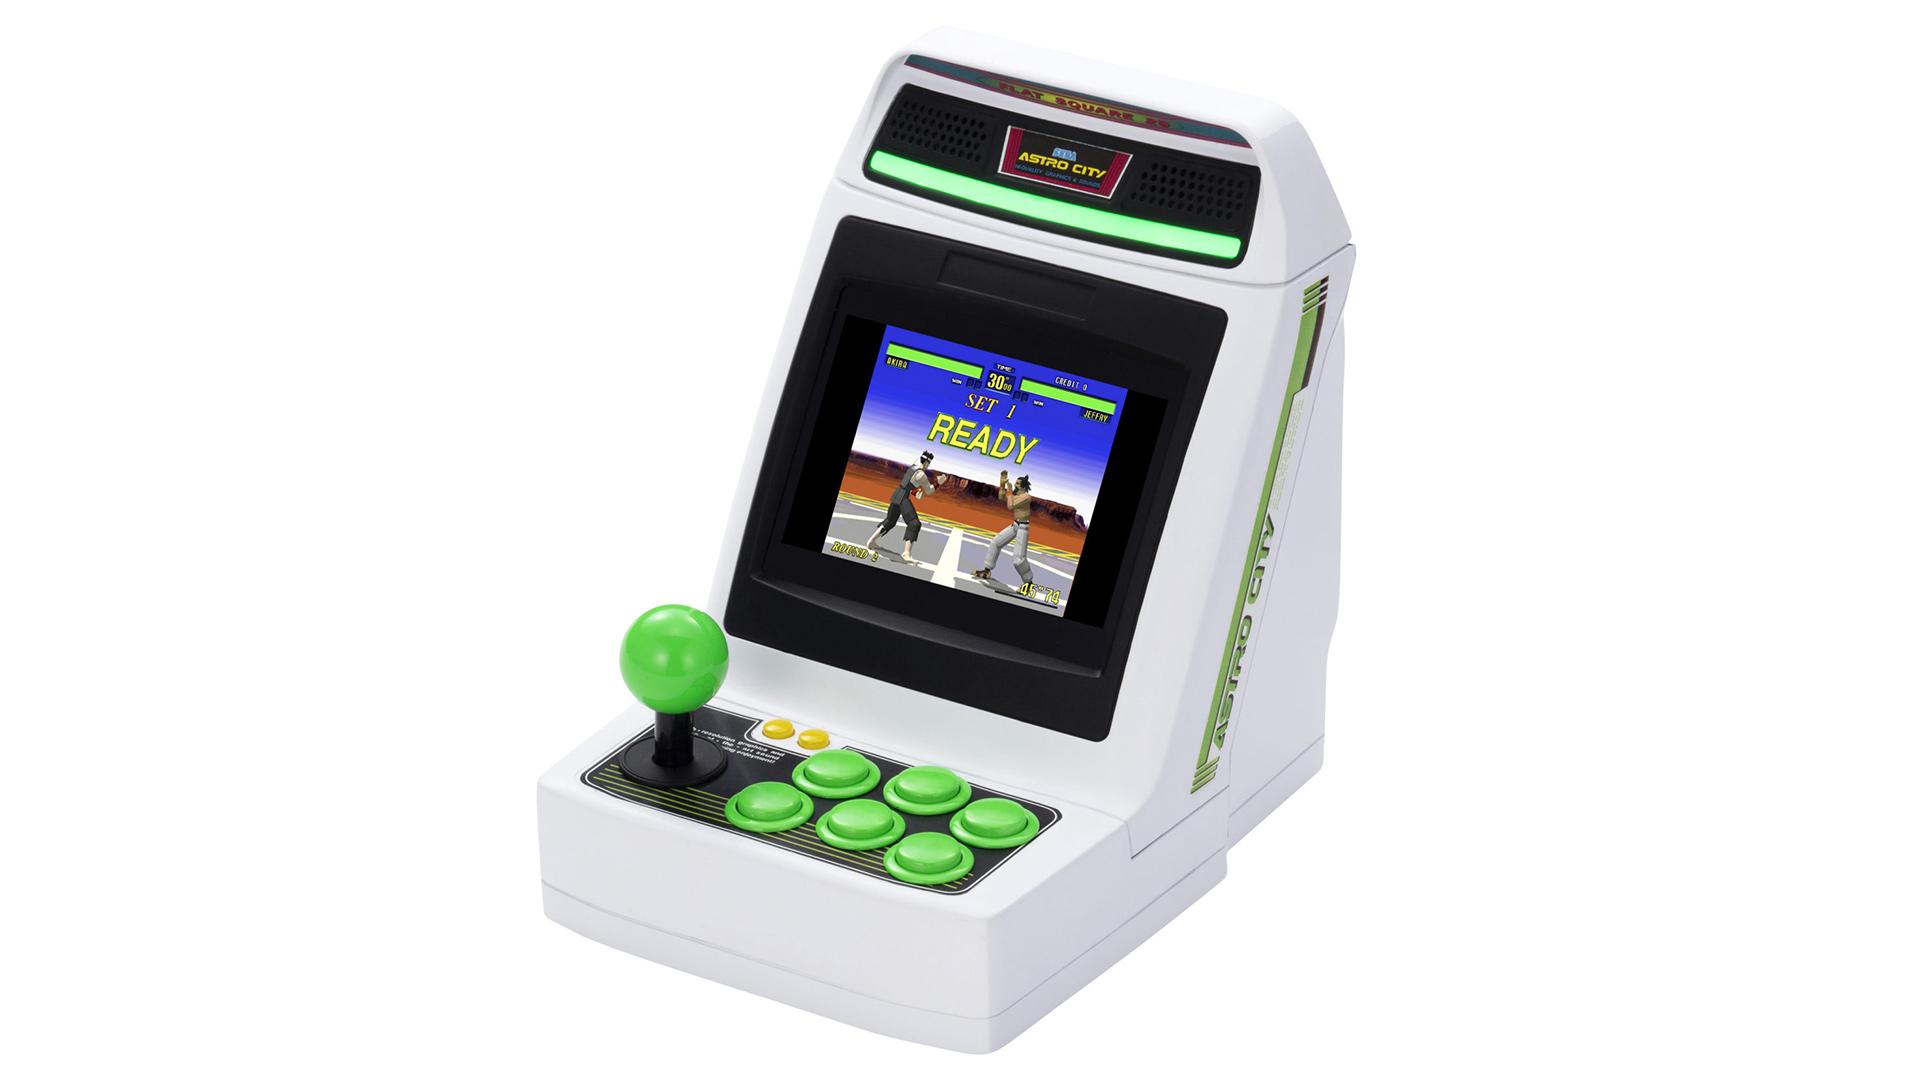 Sega is cramming 36 games into the Astro City Mini arcade cabinet